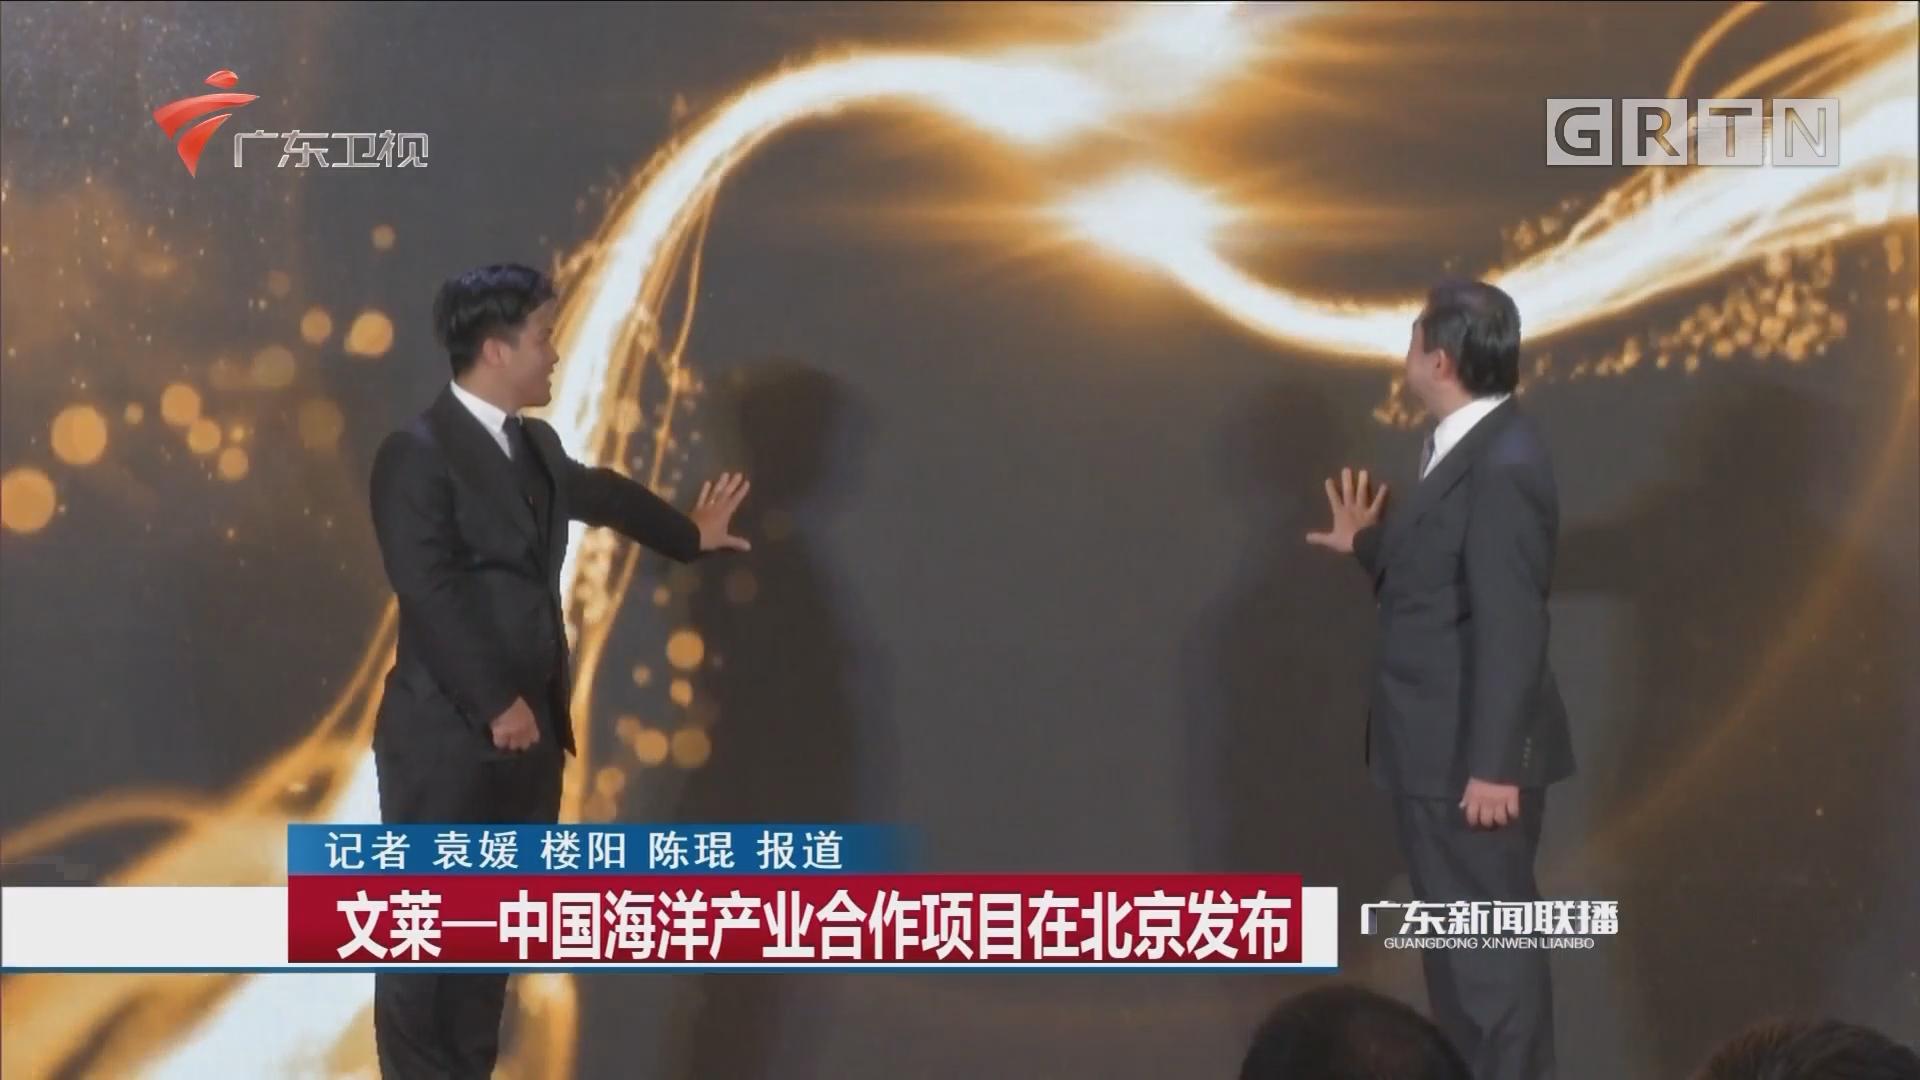 文莱——中国海洋产业合作项目在北京发布